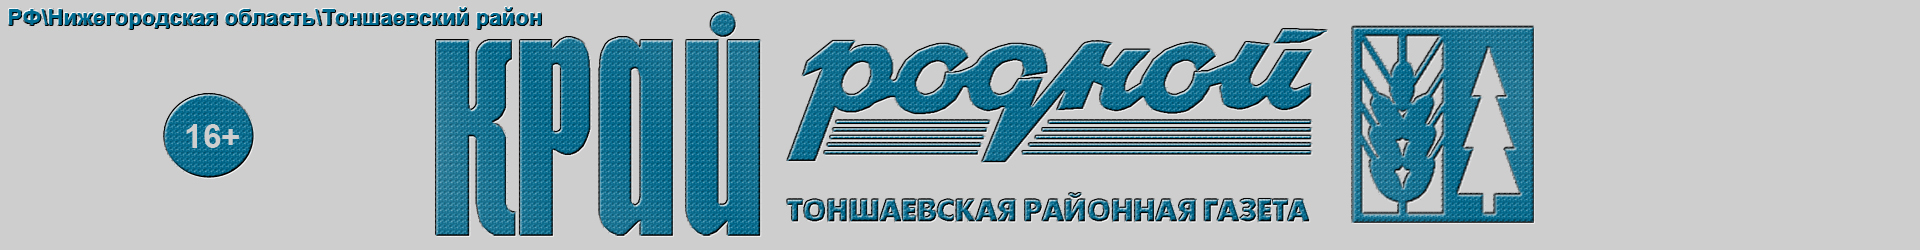 Болельщики швеции в Нижнем Новгороде